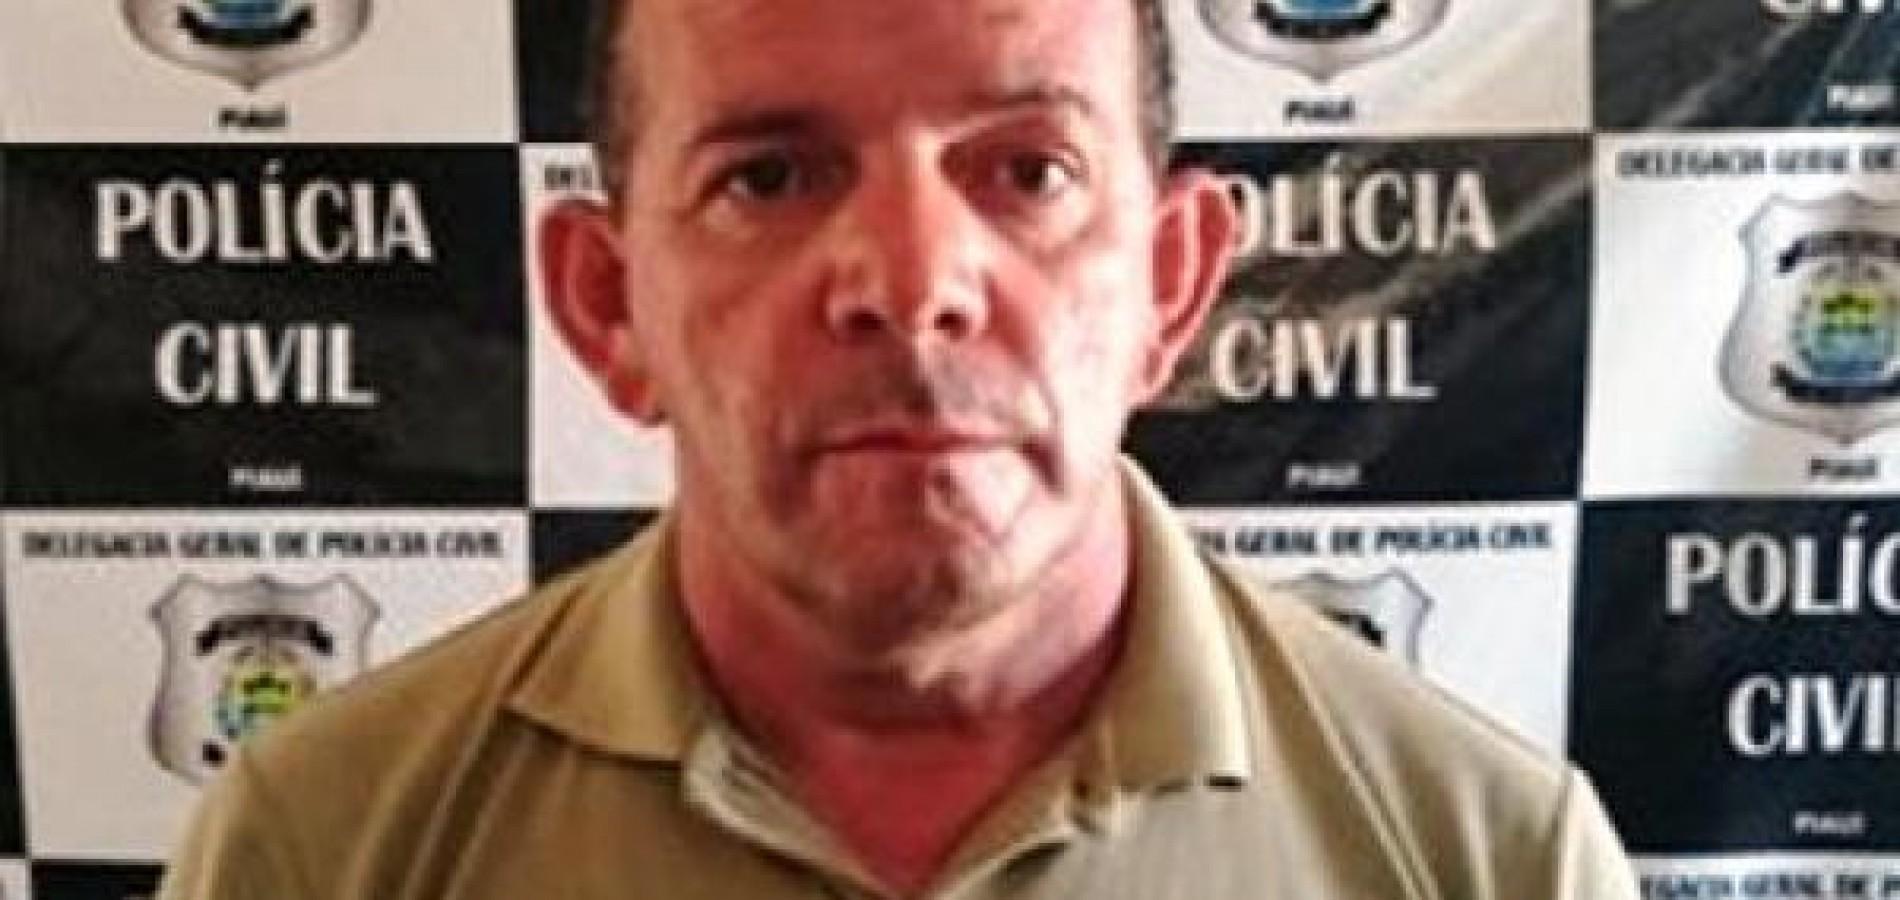 Polícia civil de Picos prende mototaxista suspeito de homicídio